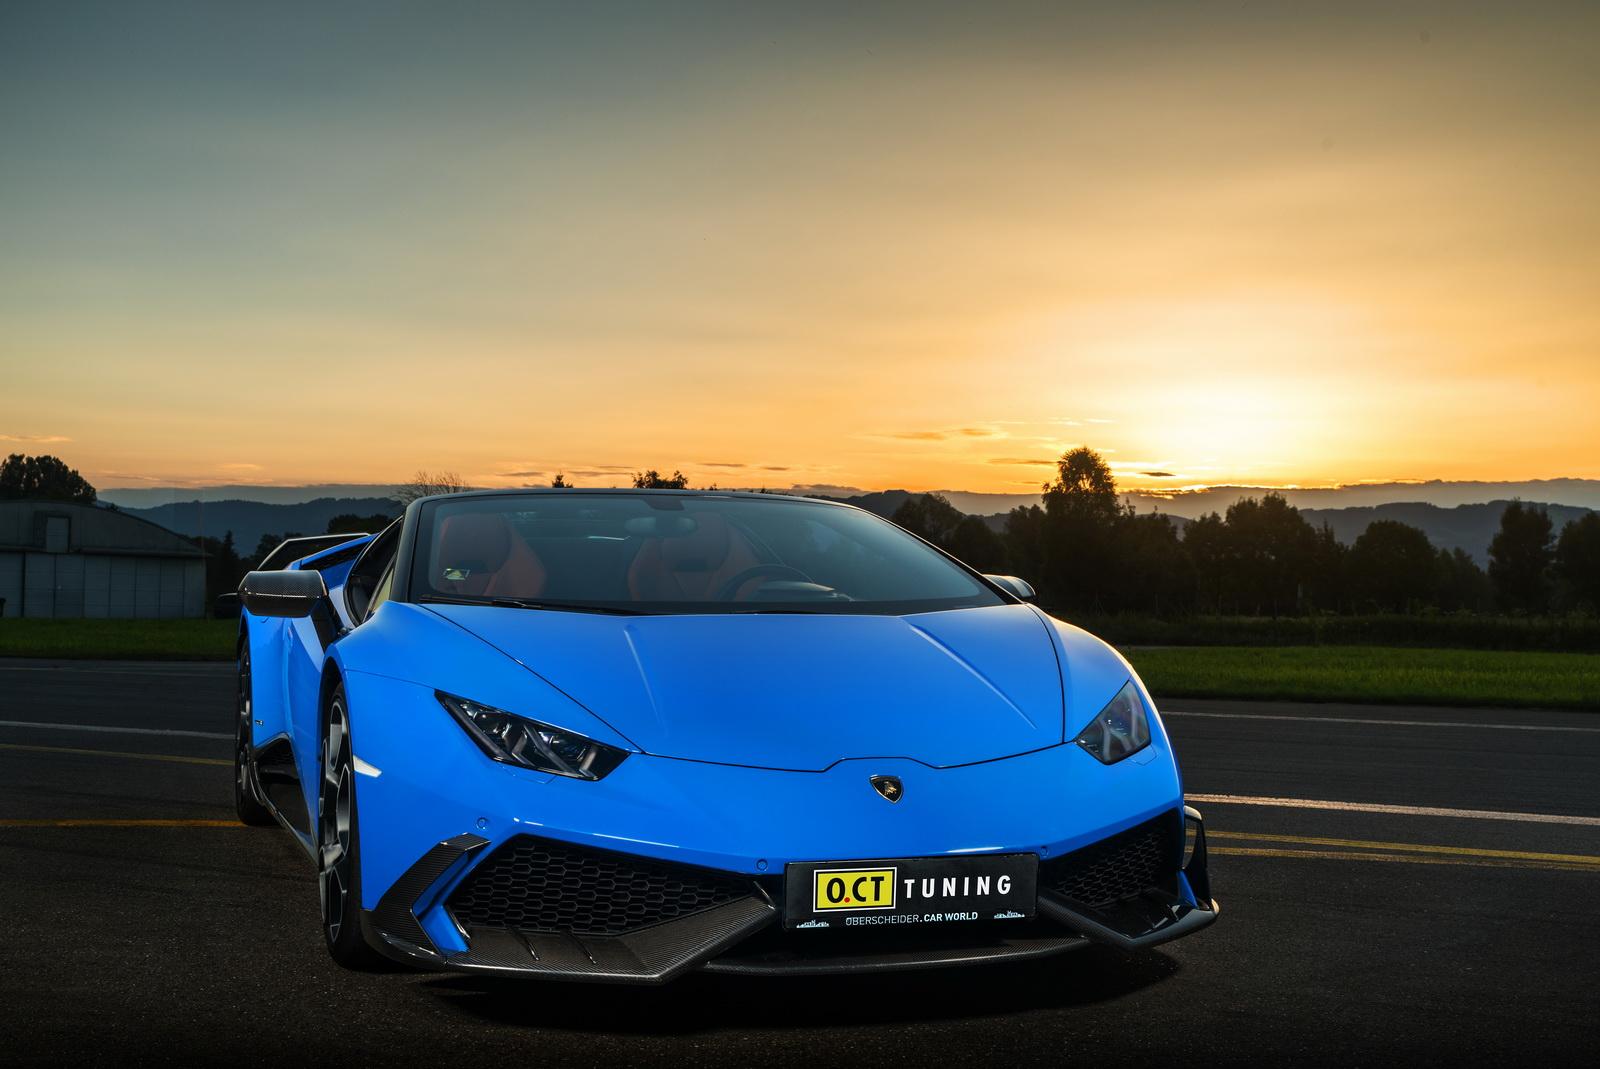 Lamborghini Huracan by O.CT Tuning (1)